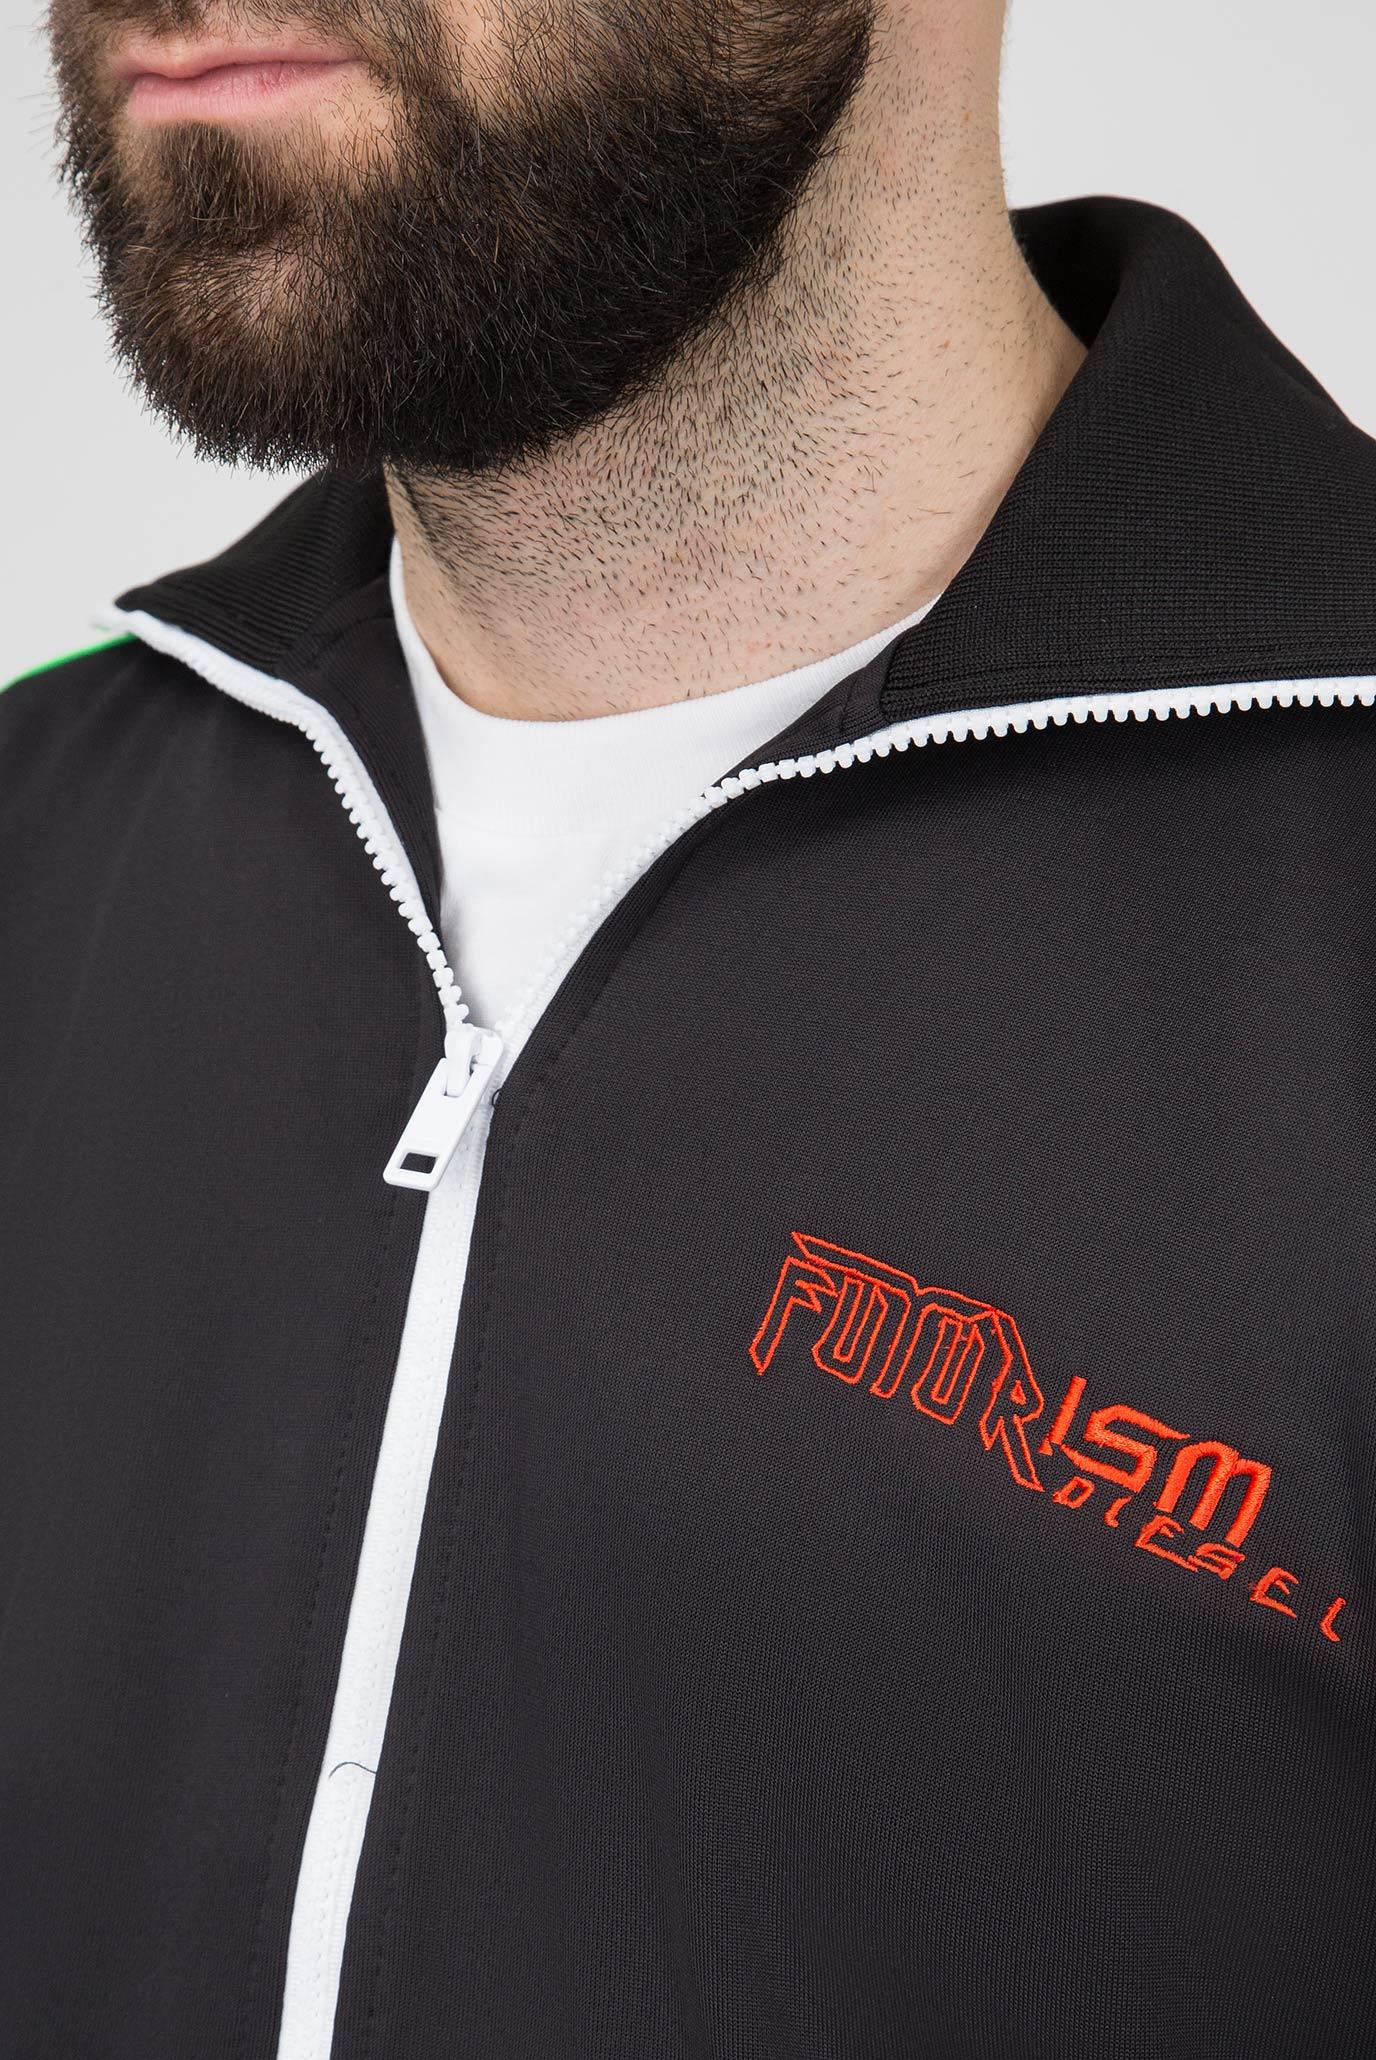 Купить Мужская черная спортивная кофта S-HISOKA Diesel Diesel 00SSLA 0KATU – Киев, Украина. Цены в интернет магазине MD Fashion